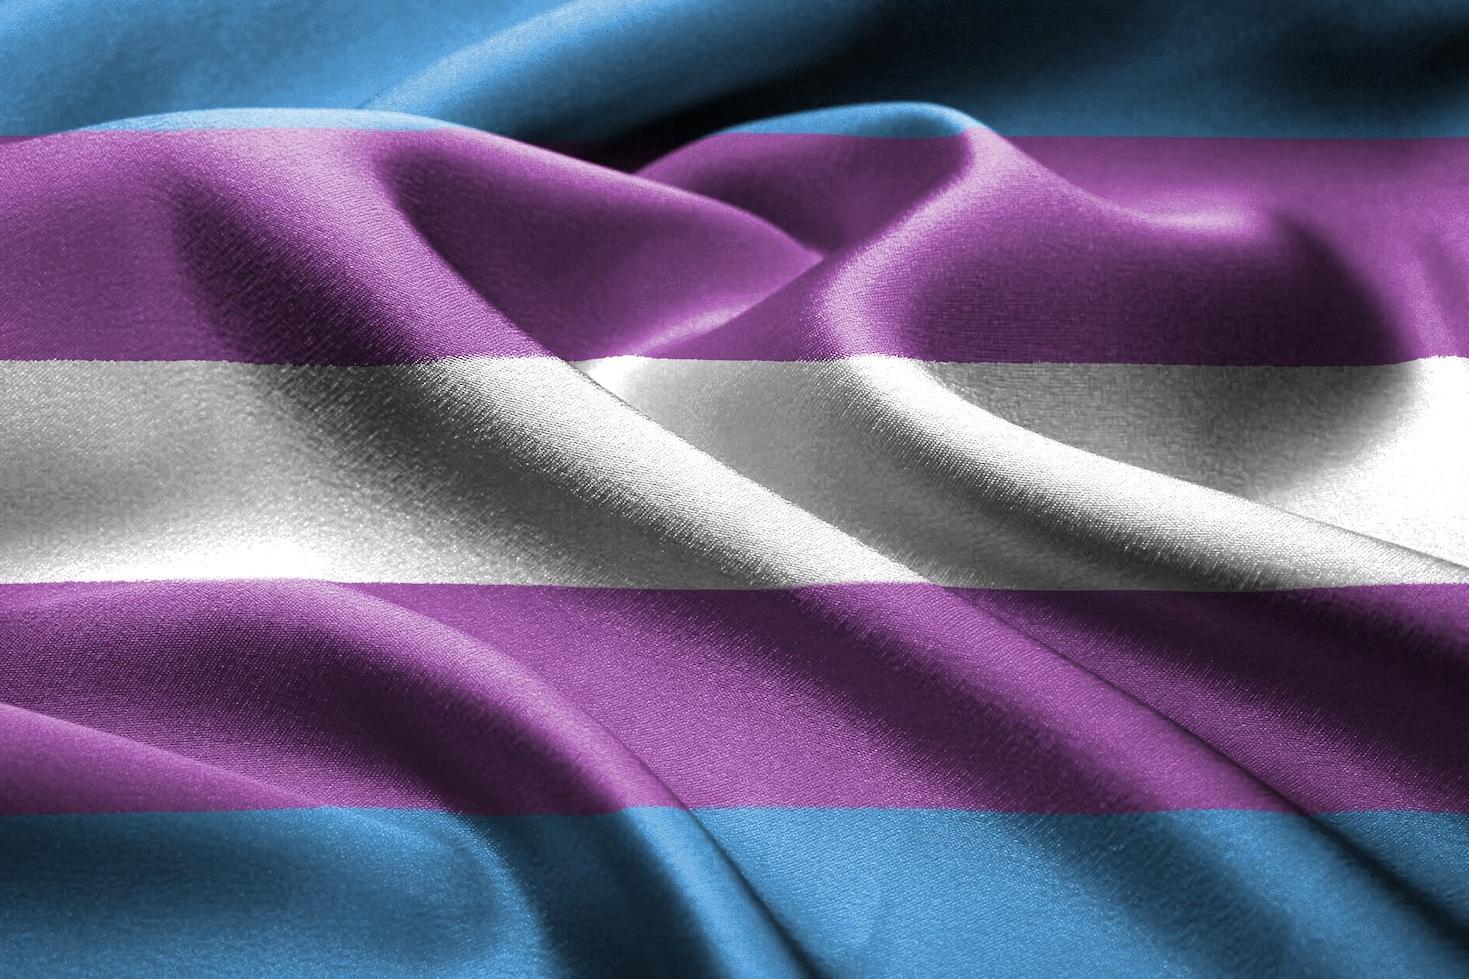 变性人权利-结束变性人歧视